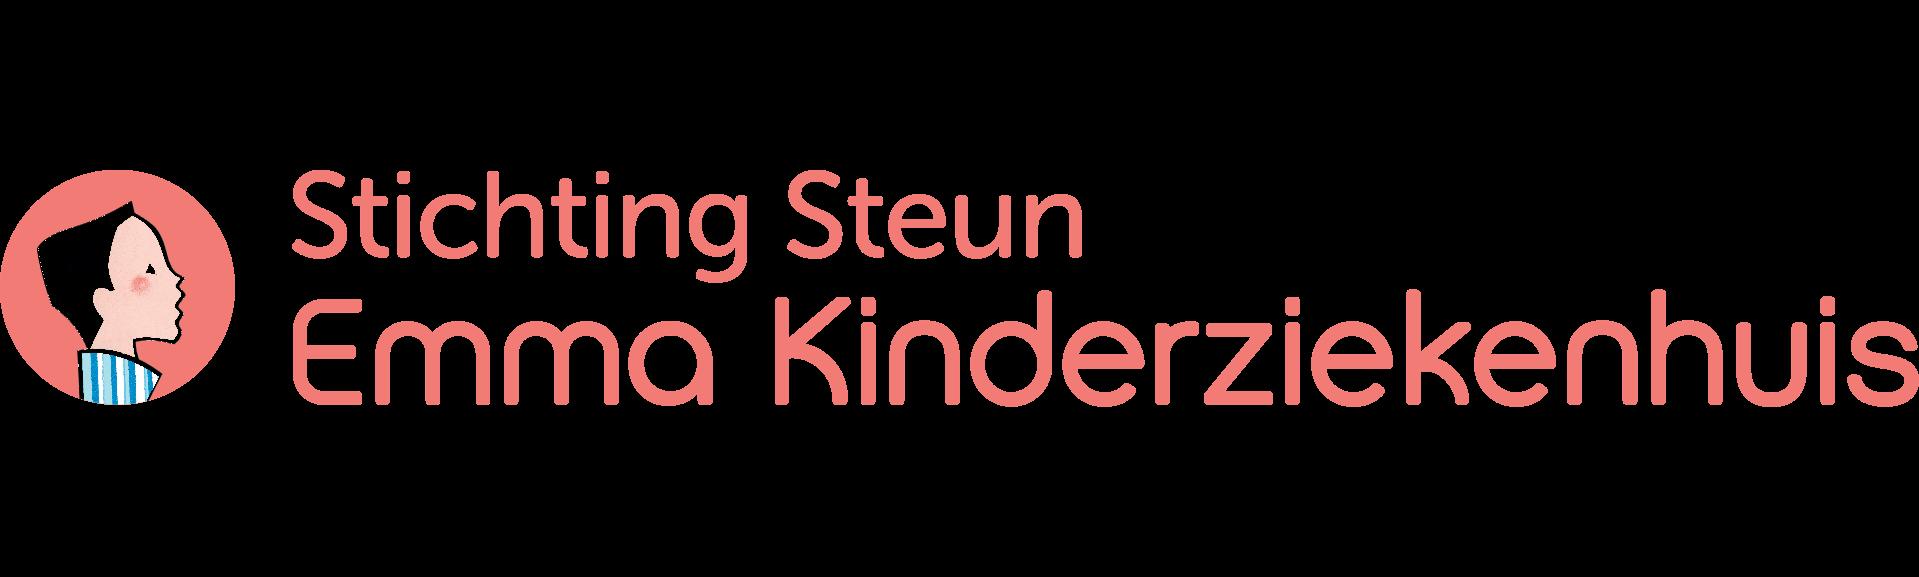 Stichting Steun Emma Kinderziekenhuis